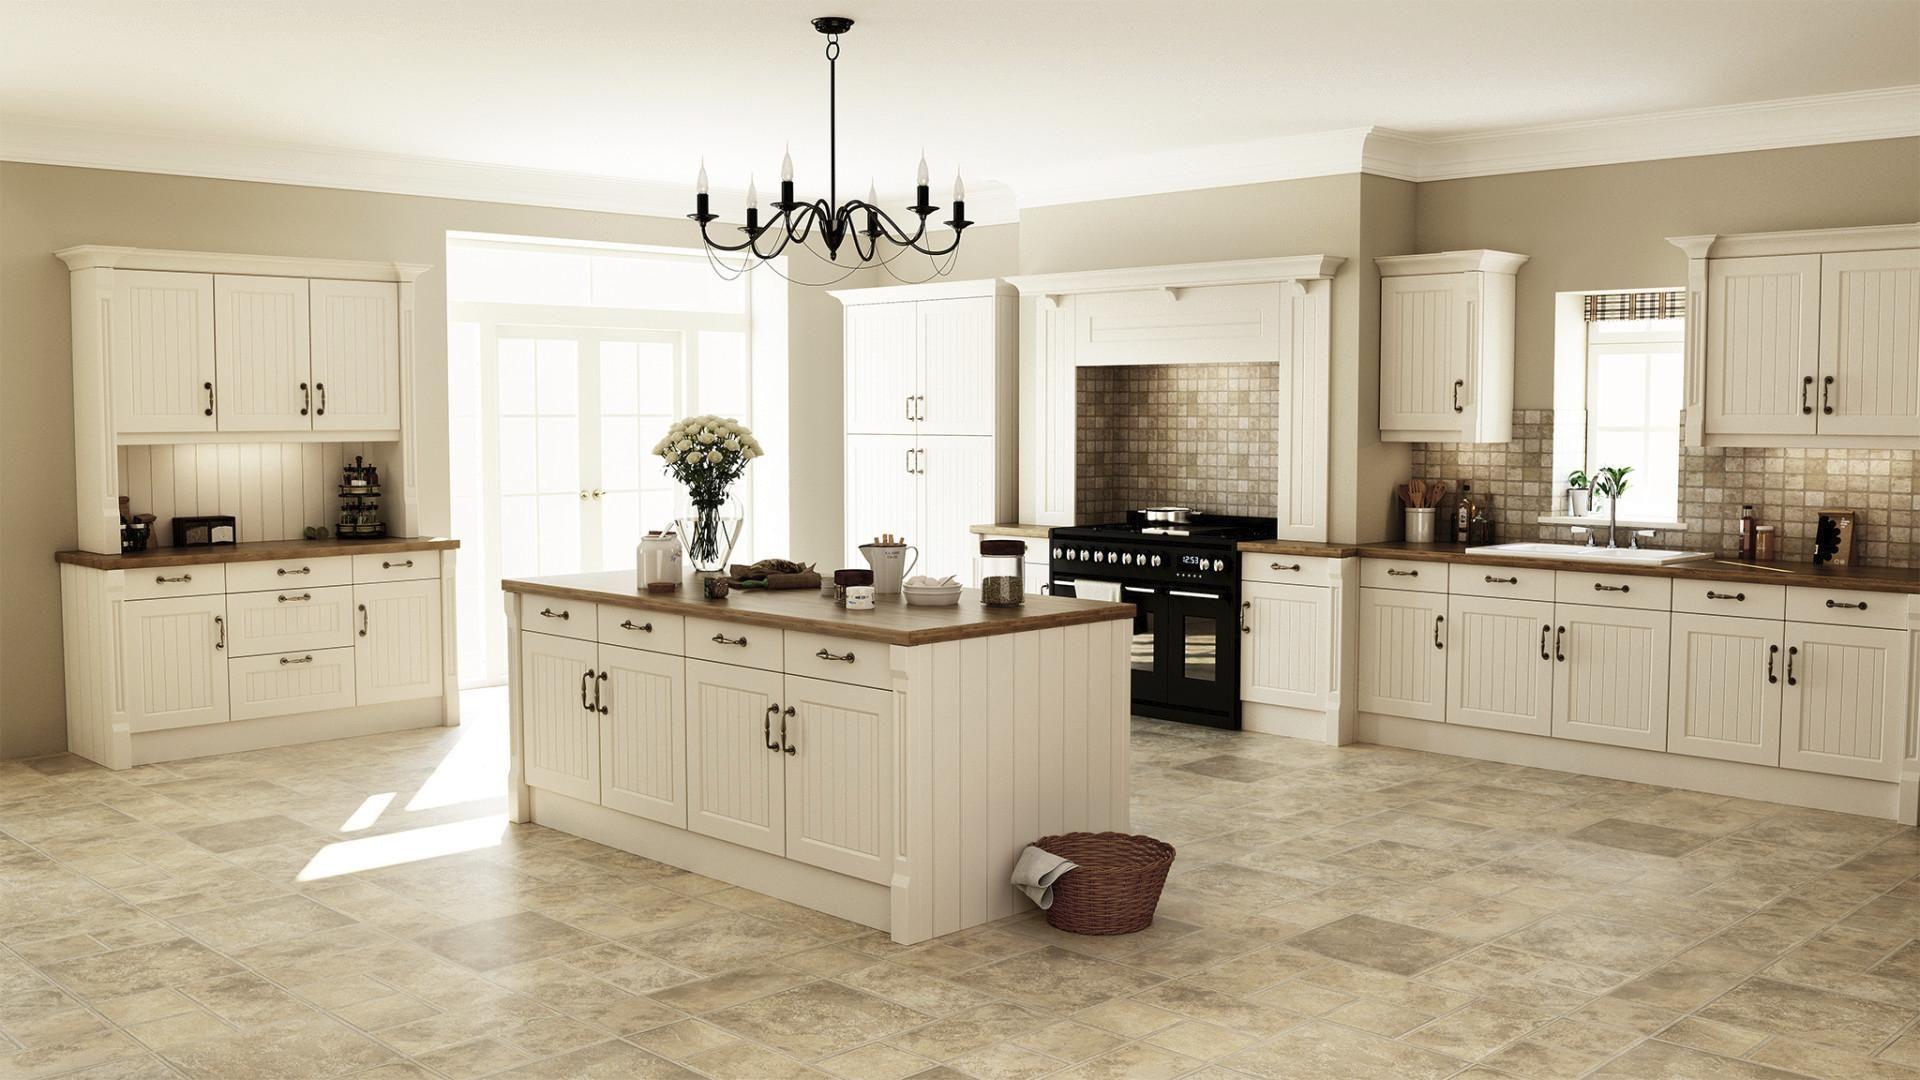 12 x 12 kitchen design ideas   Kitchen, Kitchen design, Design